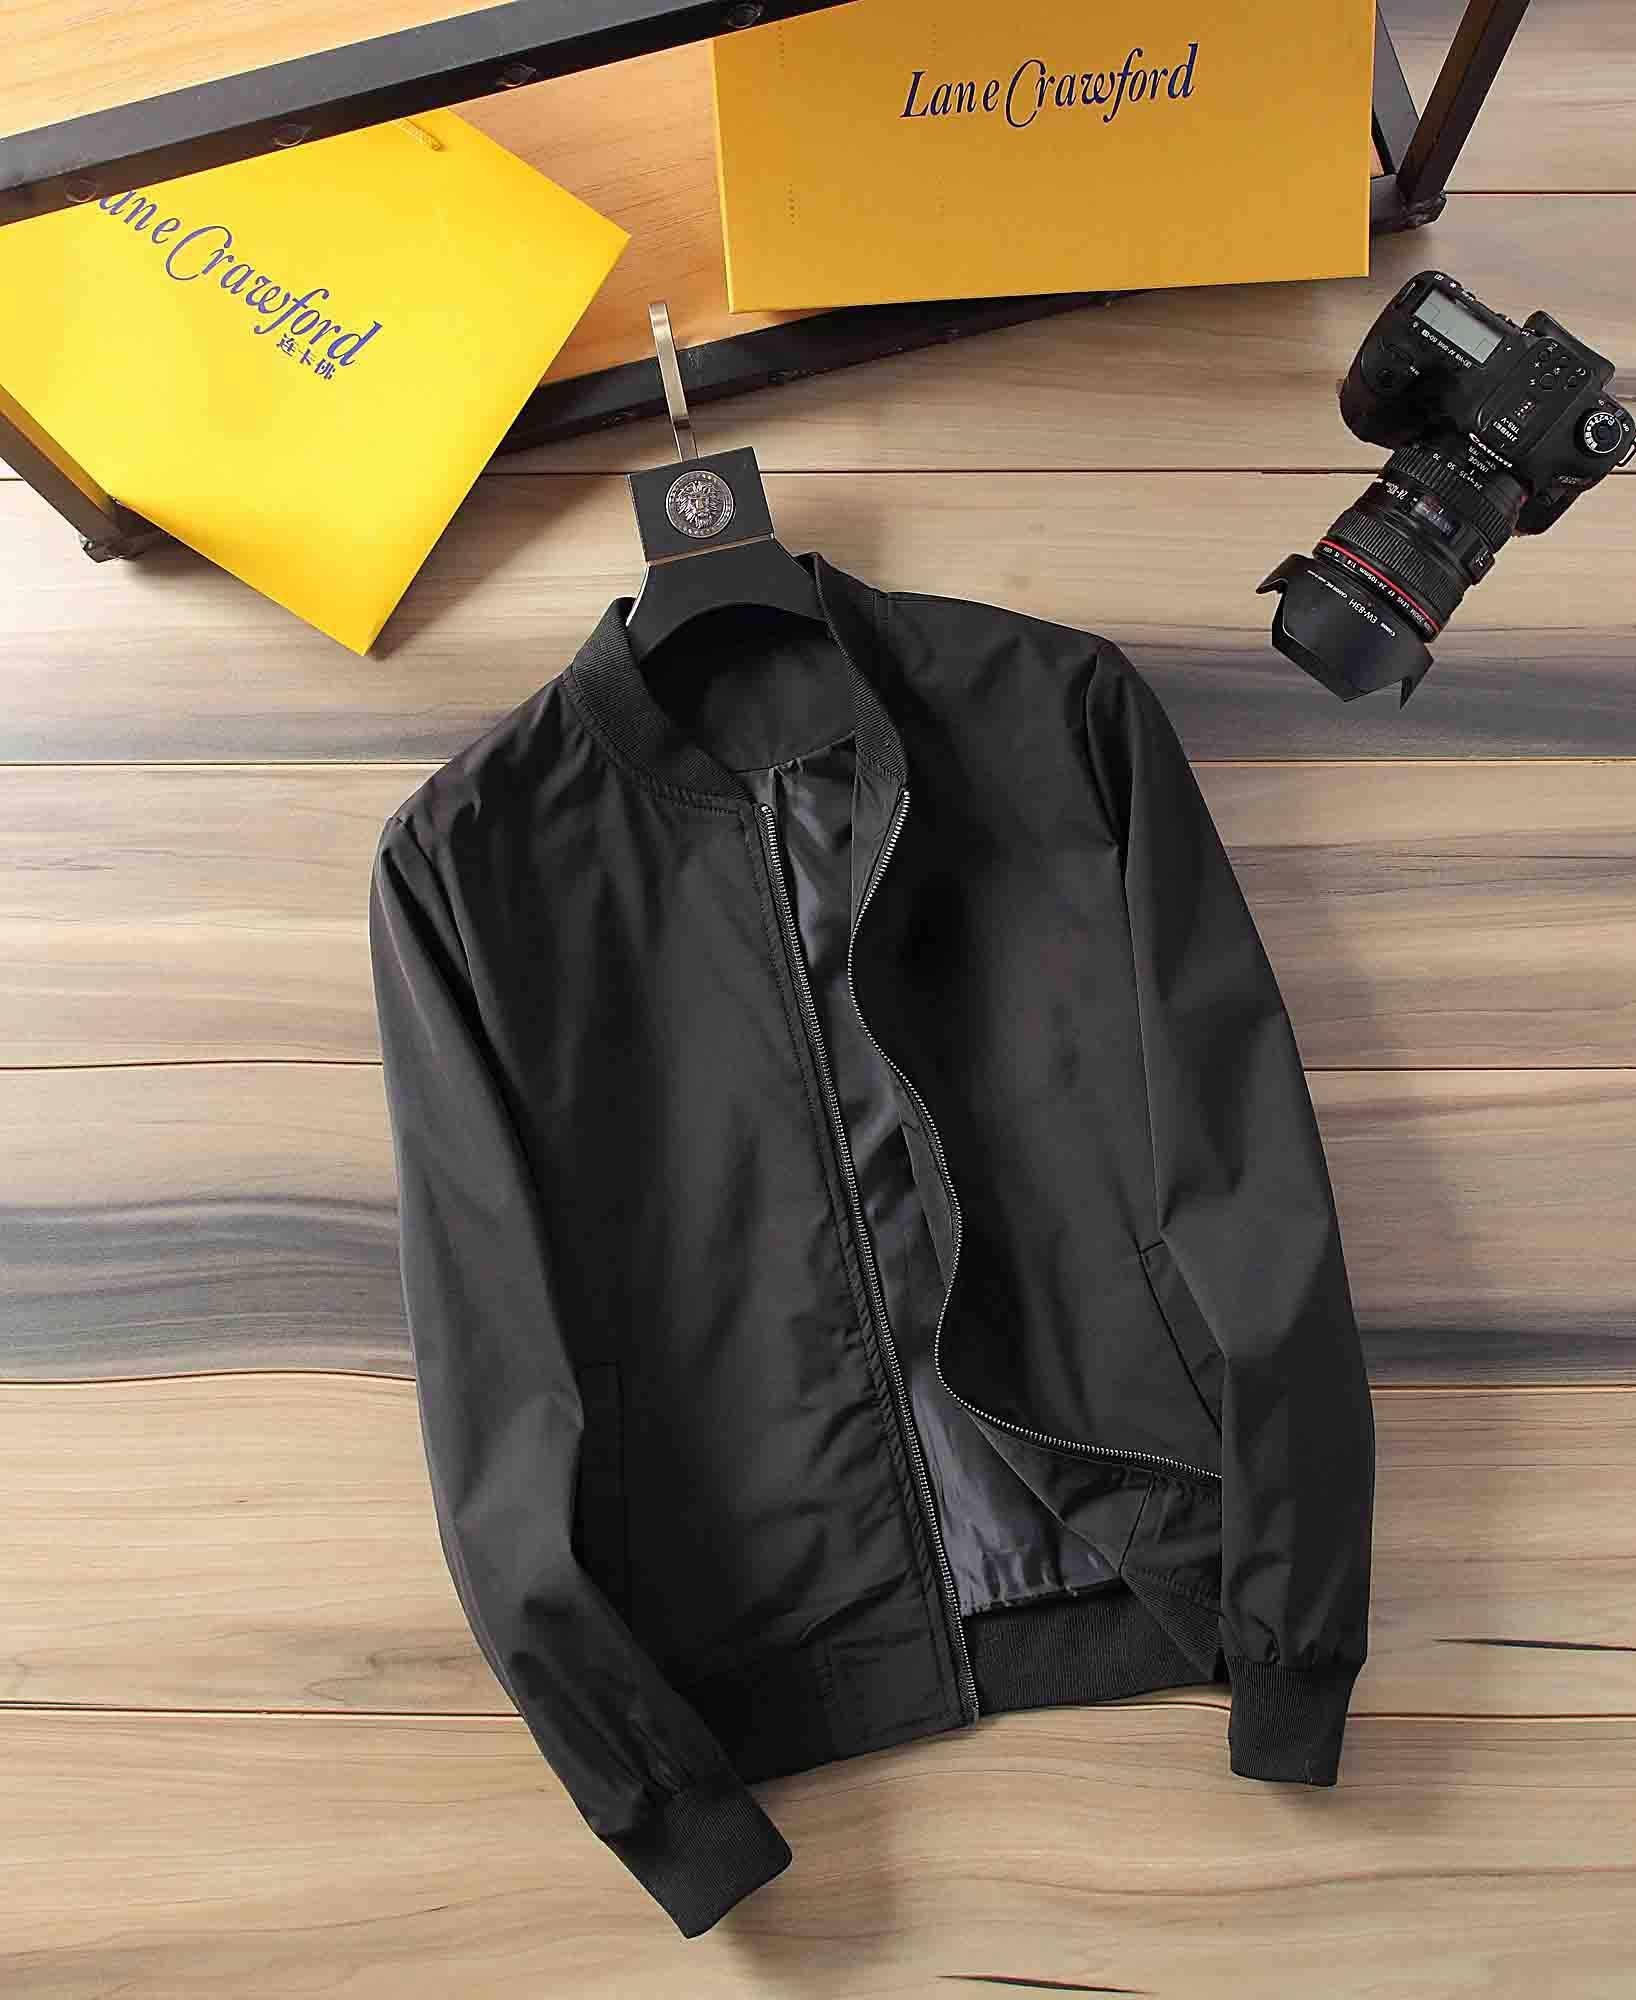 2020 otoño e invierno nueva cremallera carta bombardero de lujo de los hombres de la chaqueta de los hombres ~ tops chaquetas de alta calidad de diseño de los hombres